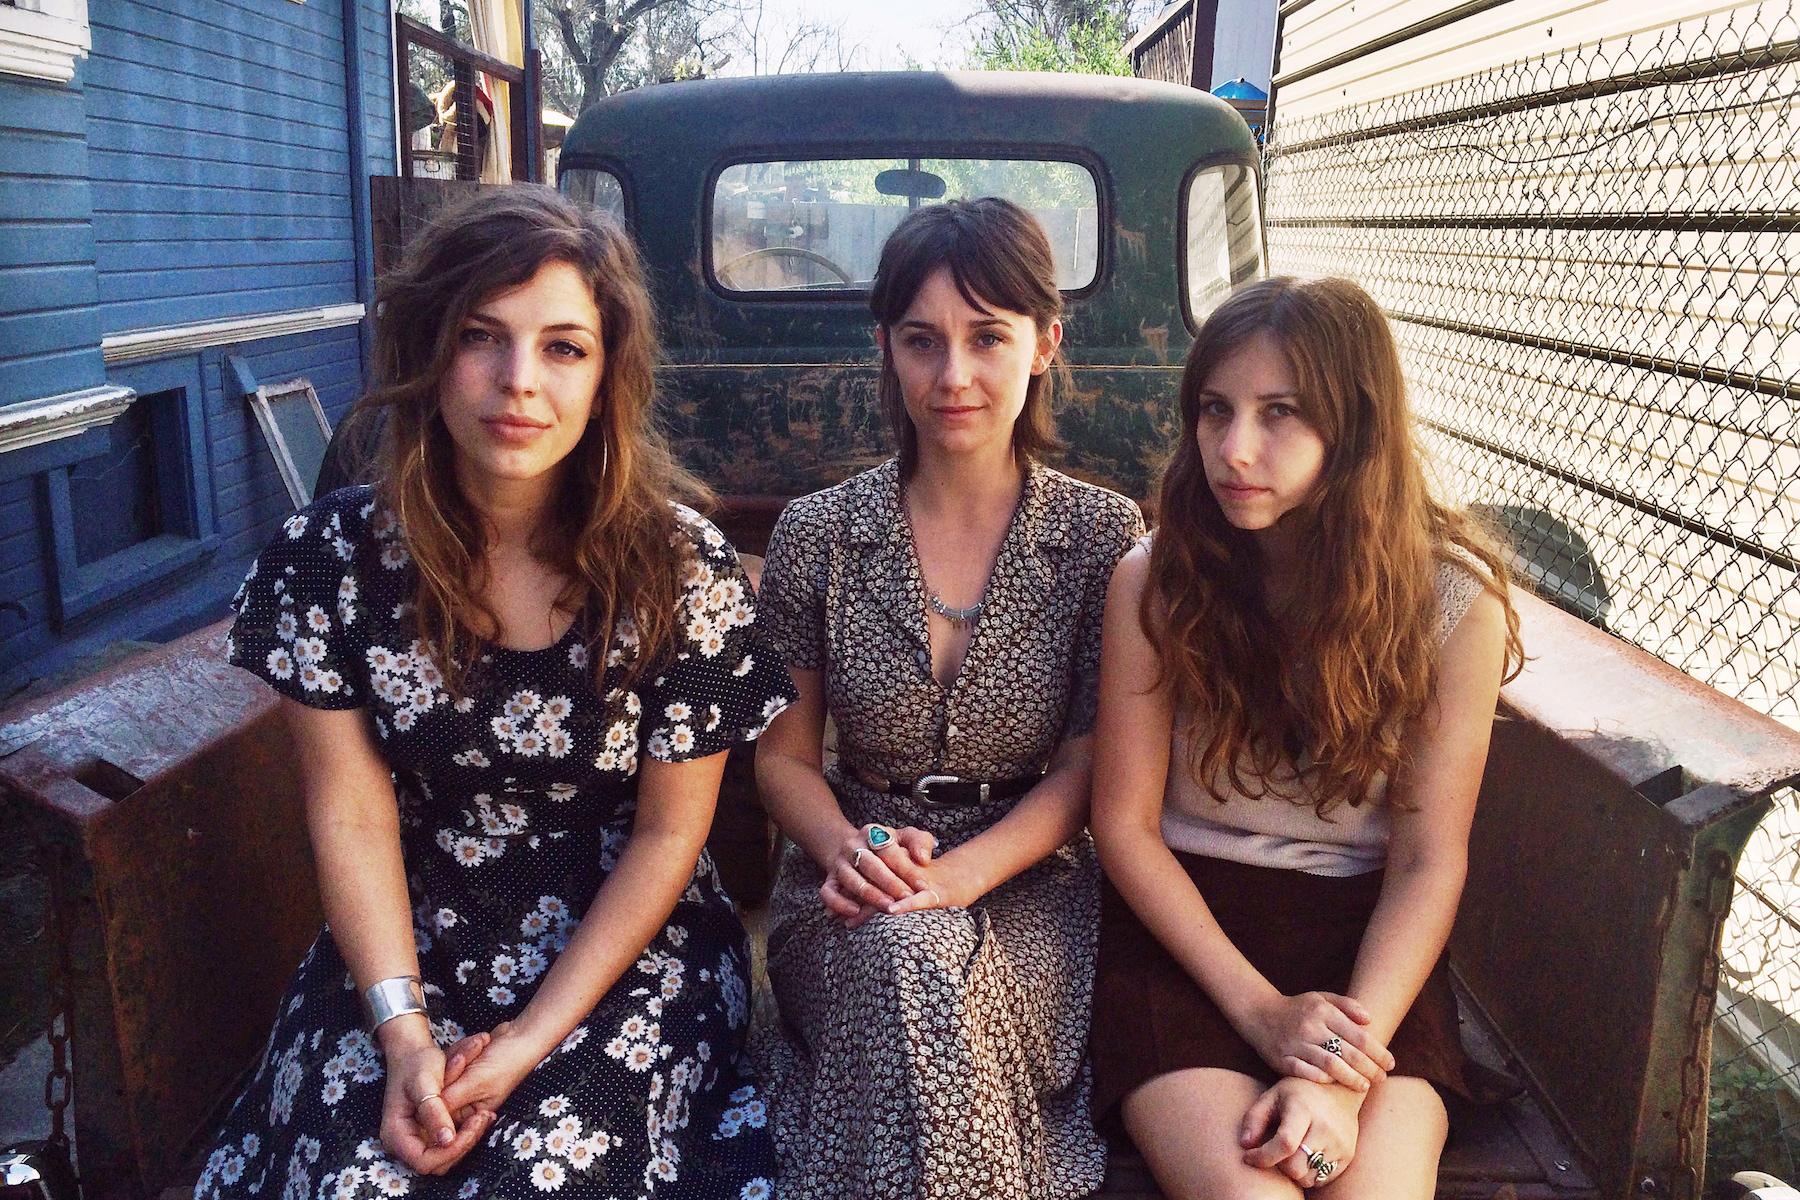 Haley Anderson photos